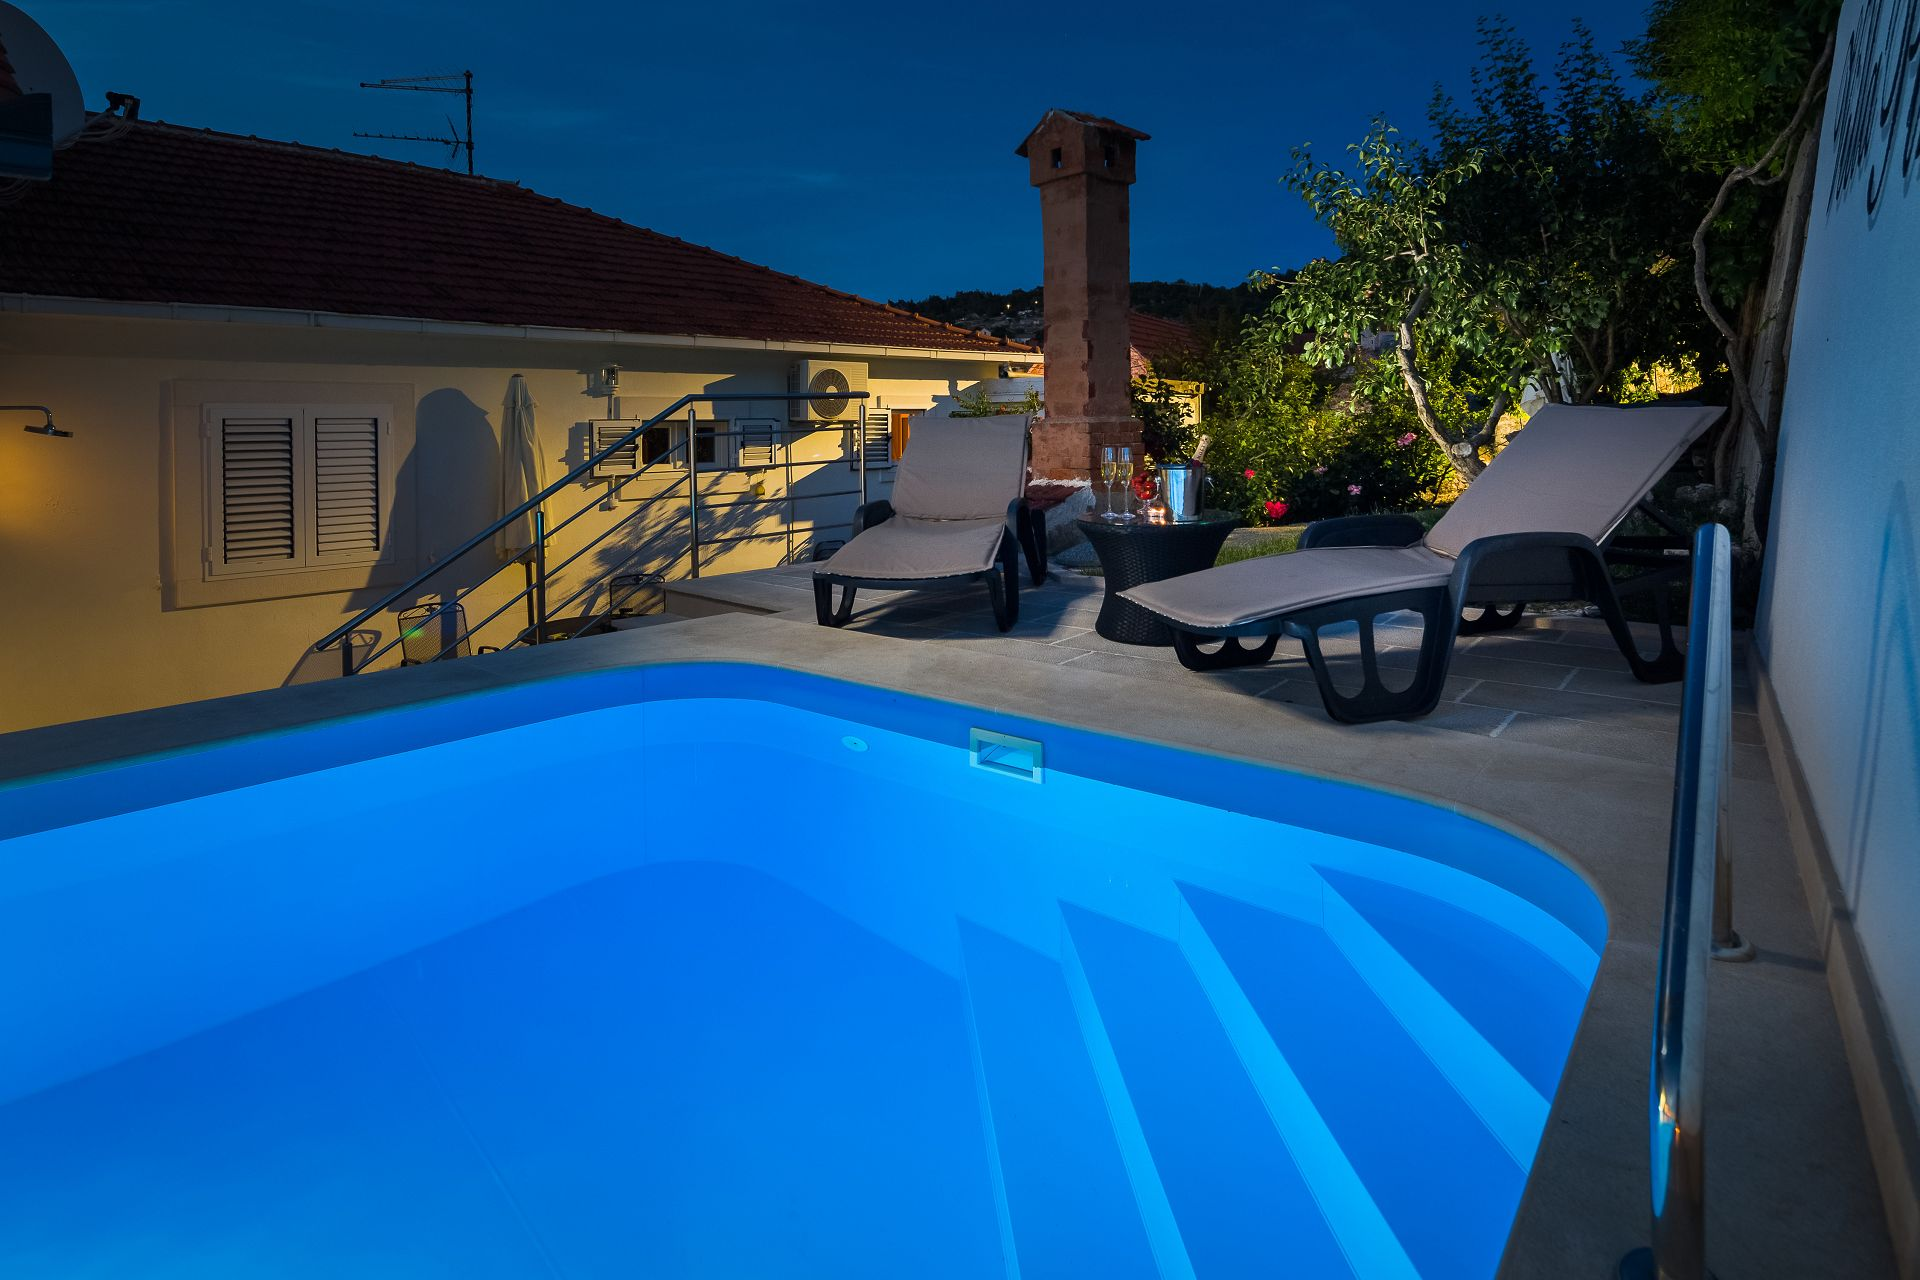 Maison de vacances Andre H(6+2) - Nerezisca (1533099), Nerezisca, Île de Brac, Dalmatie, Croatie, image 5